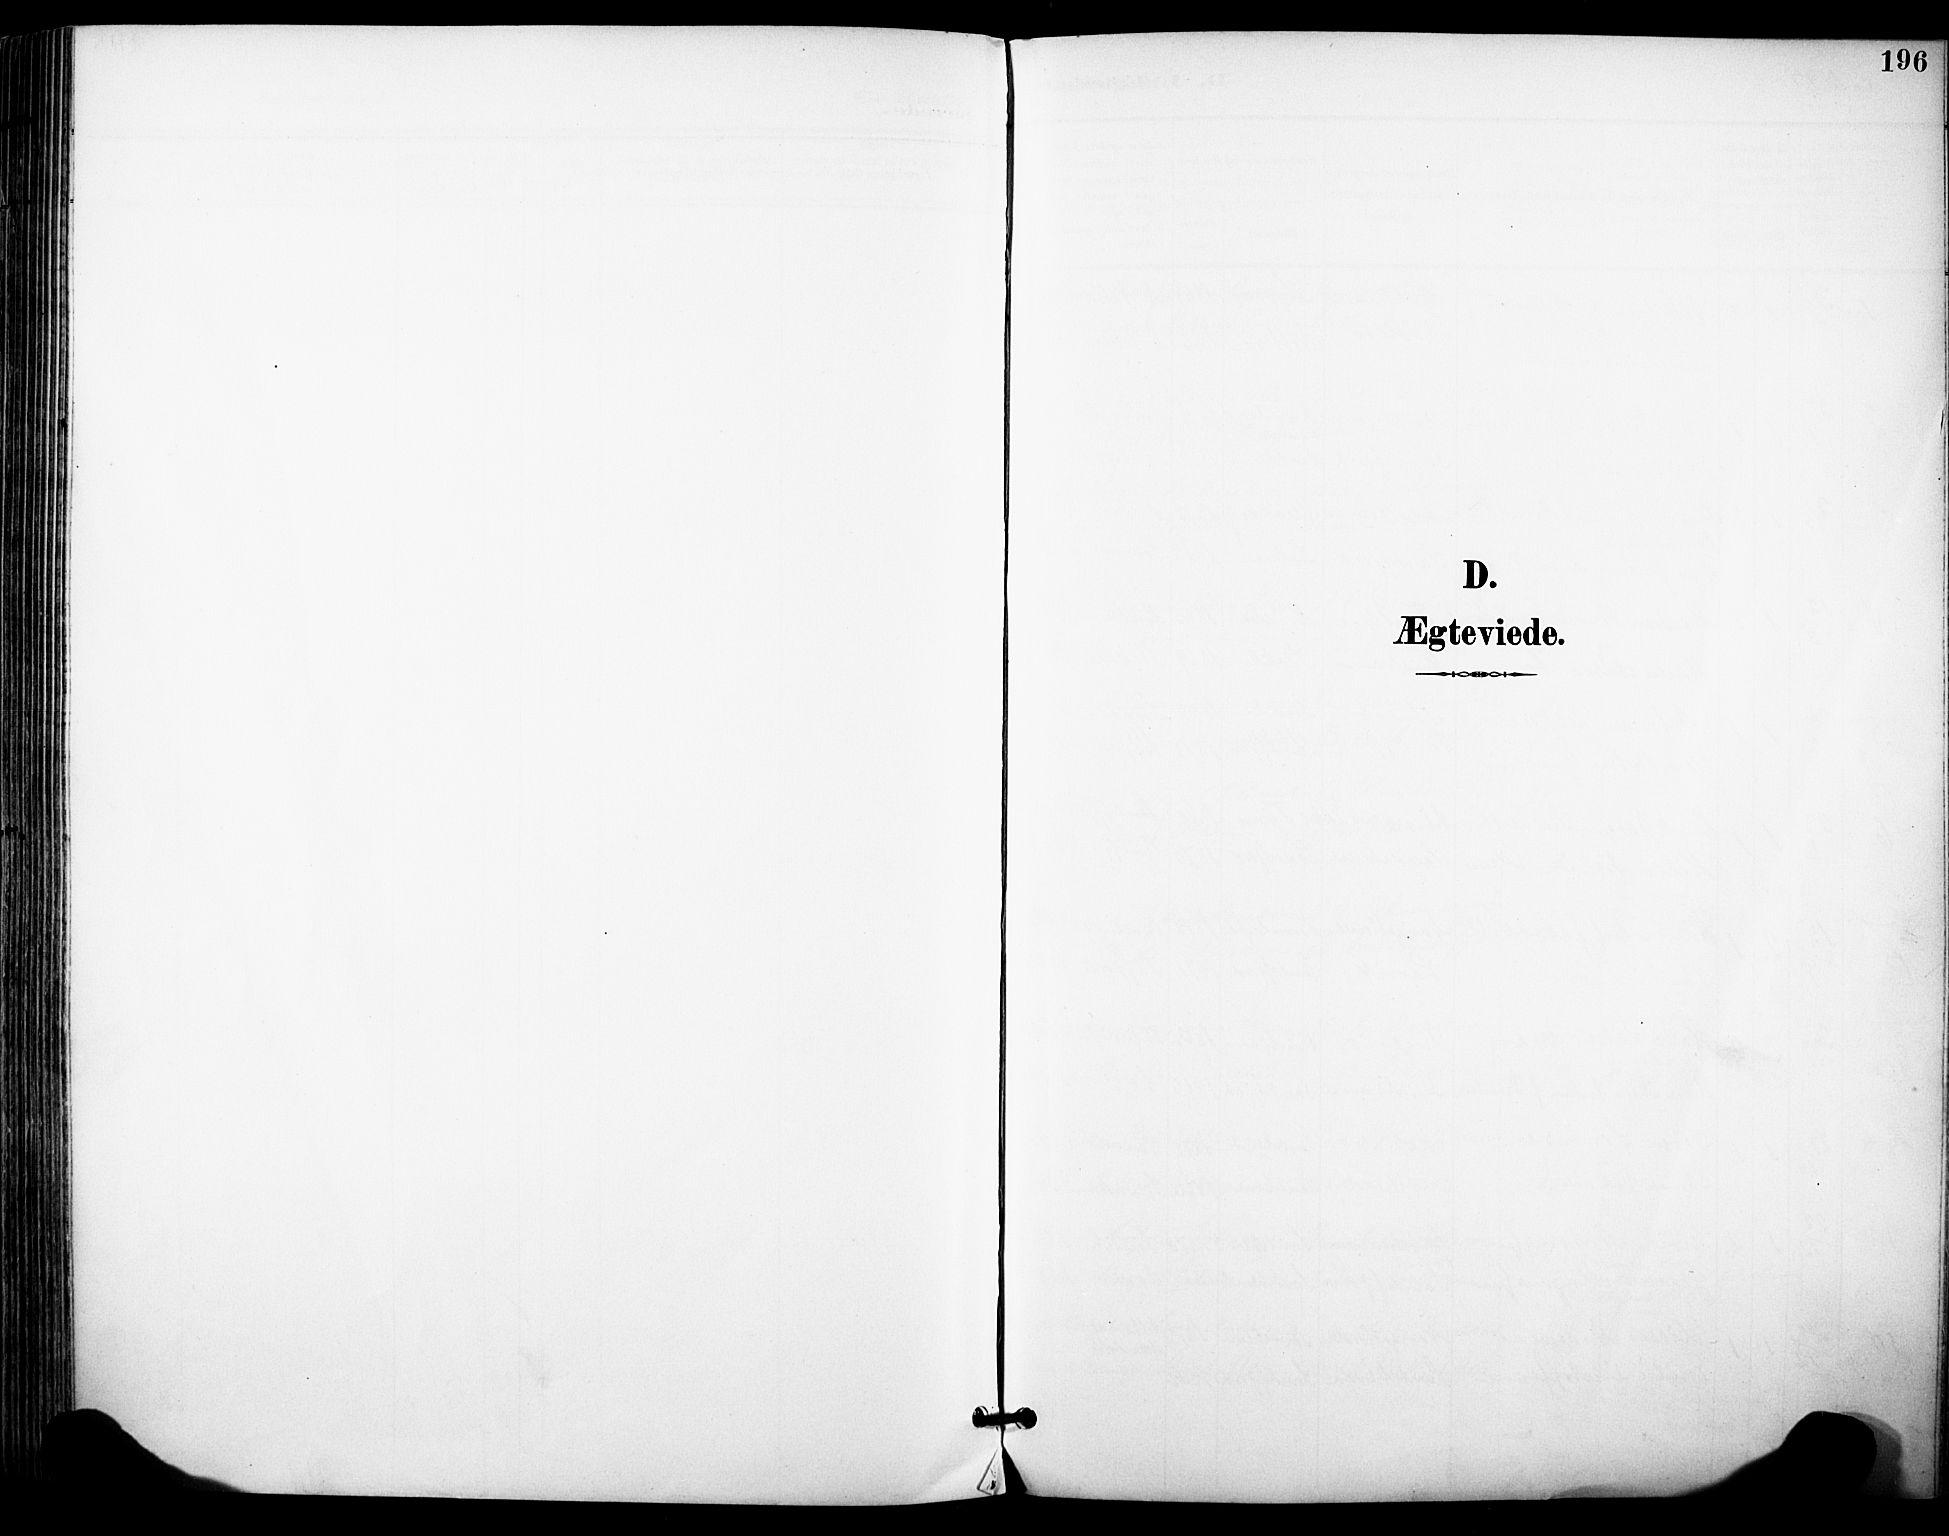 SAKO, Sandefjord kirkebøker, F/Fa/L0004: Ministerialbok nr. 4, 1894-1905, s. 196